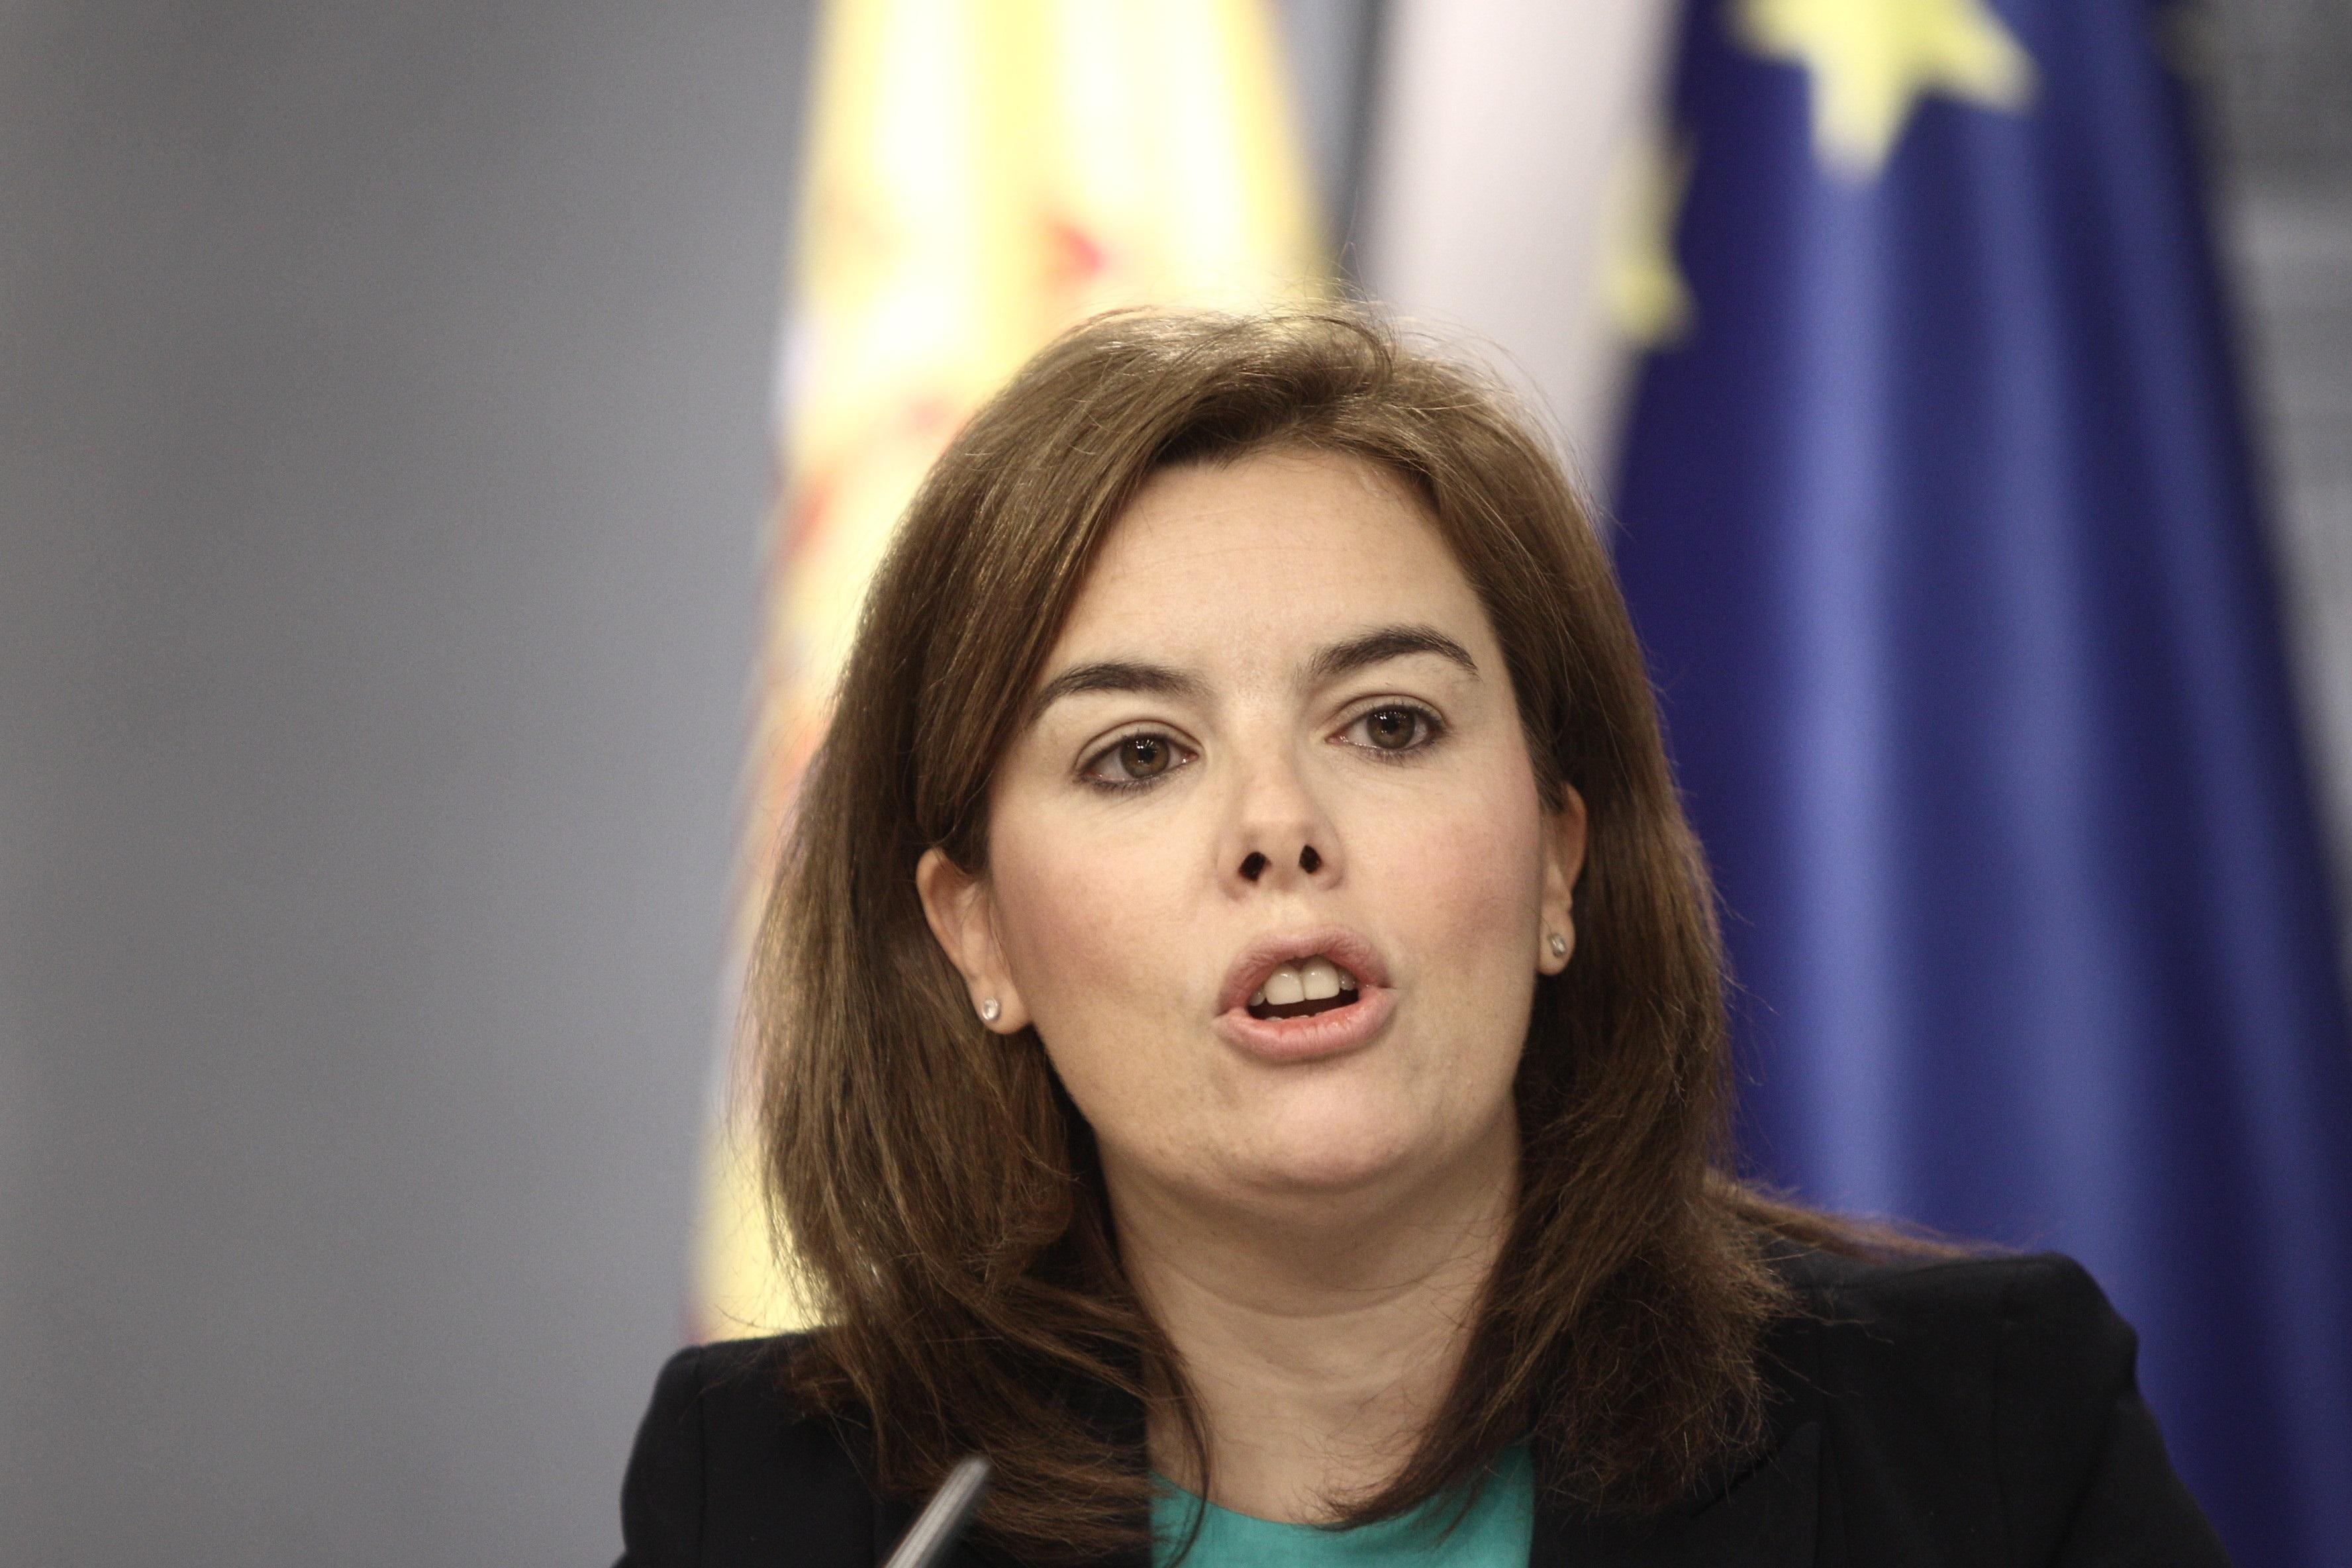 Artur Mas no acude a un acto en Barcelona junto a Sáenz de Santamaría por un desacuerdo de protocolo